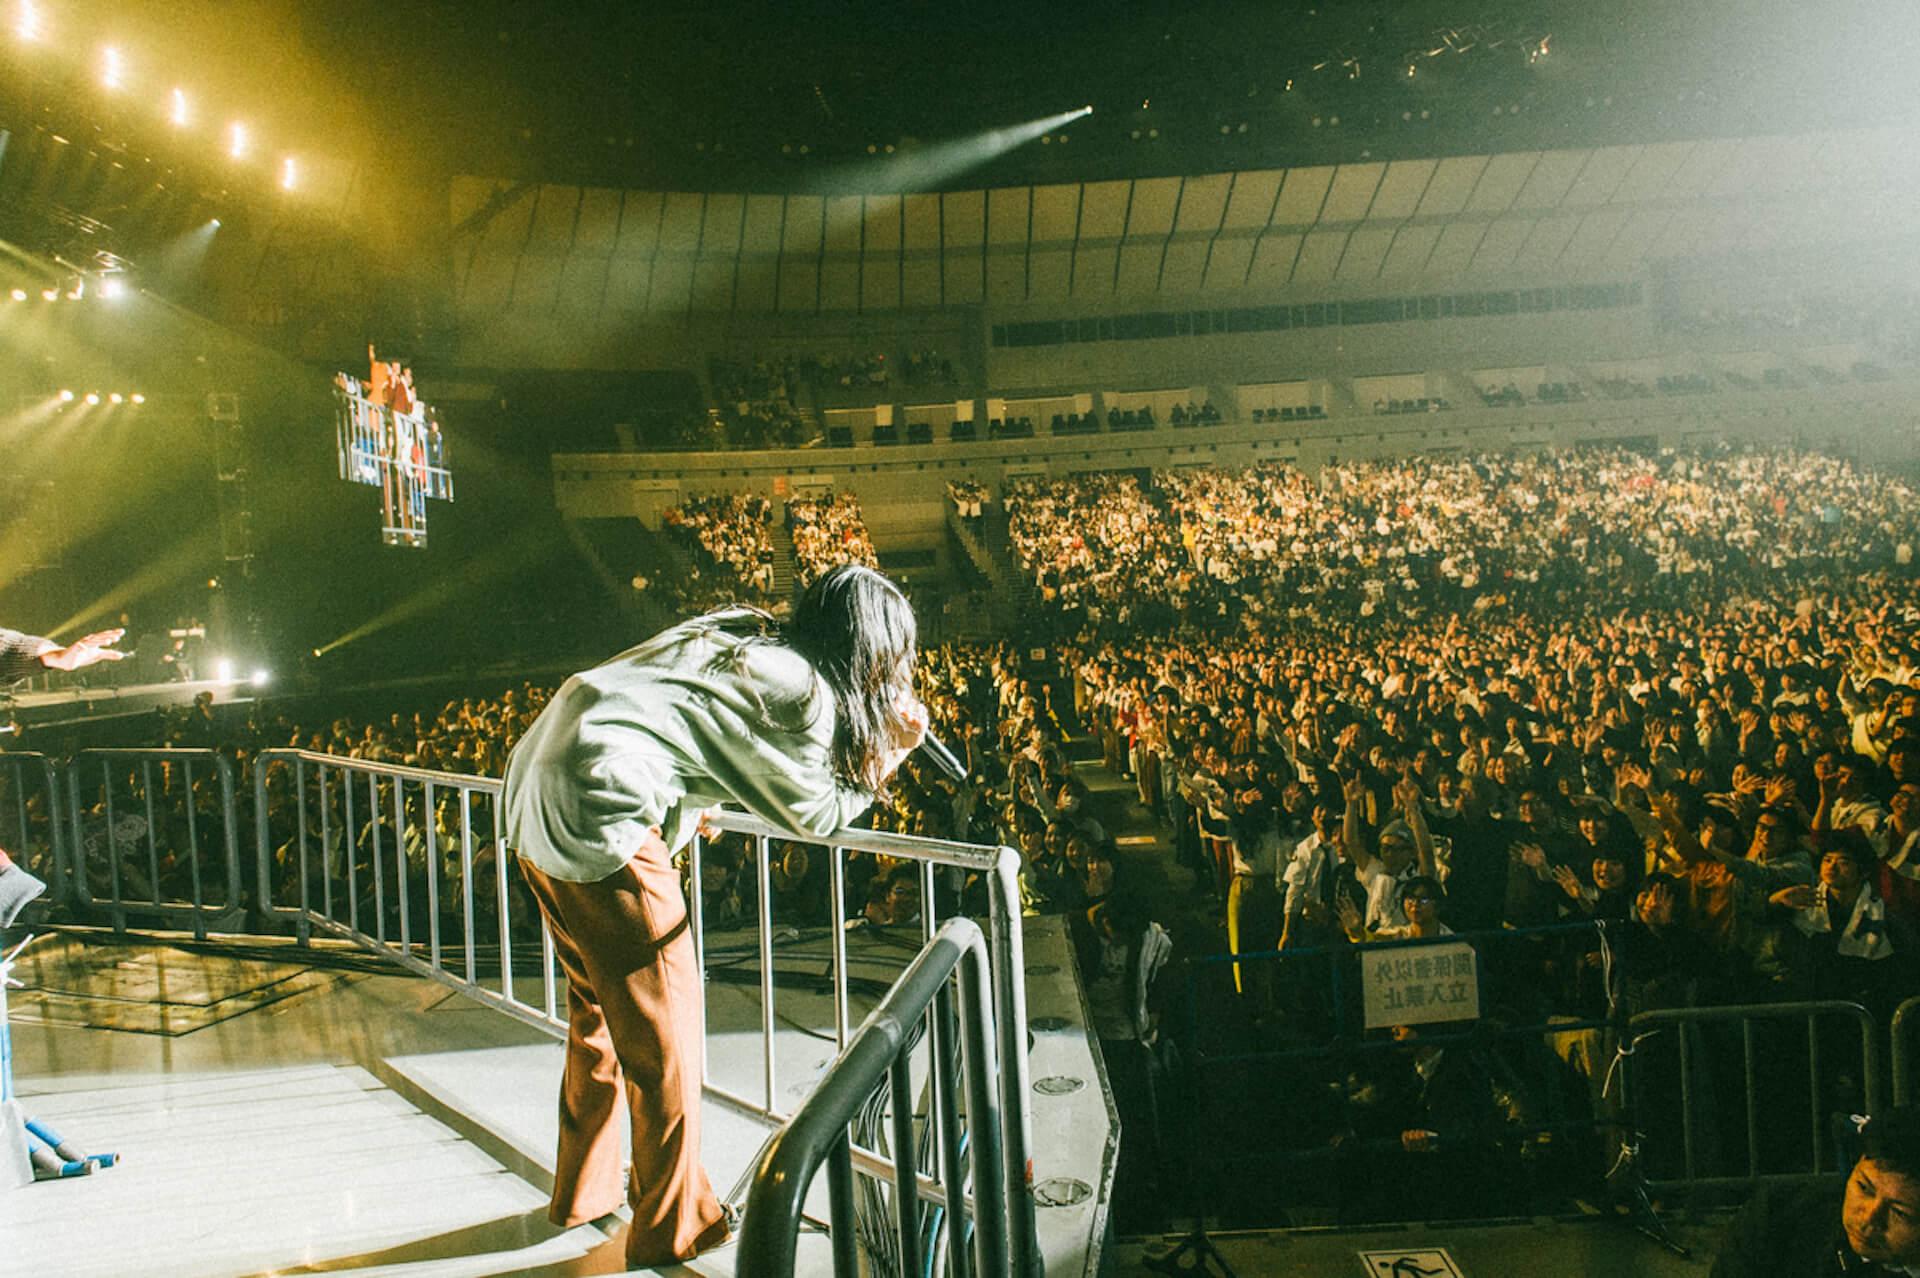 13,000人が大熱狂!あいみょん<AIMYON TOUR 2019 -SIXTH SENSE STORY->最終公演のライブレポートが到着 music191219_aimyon_live_3